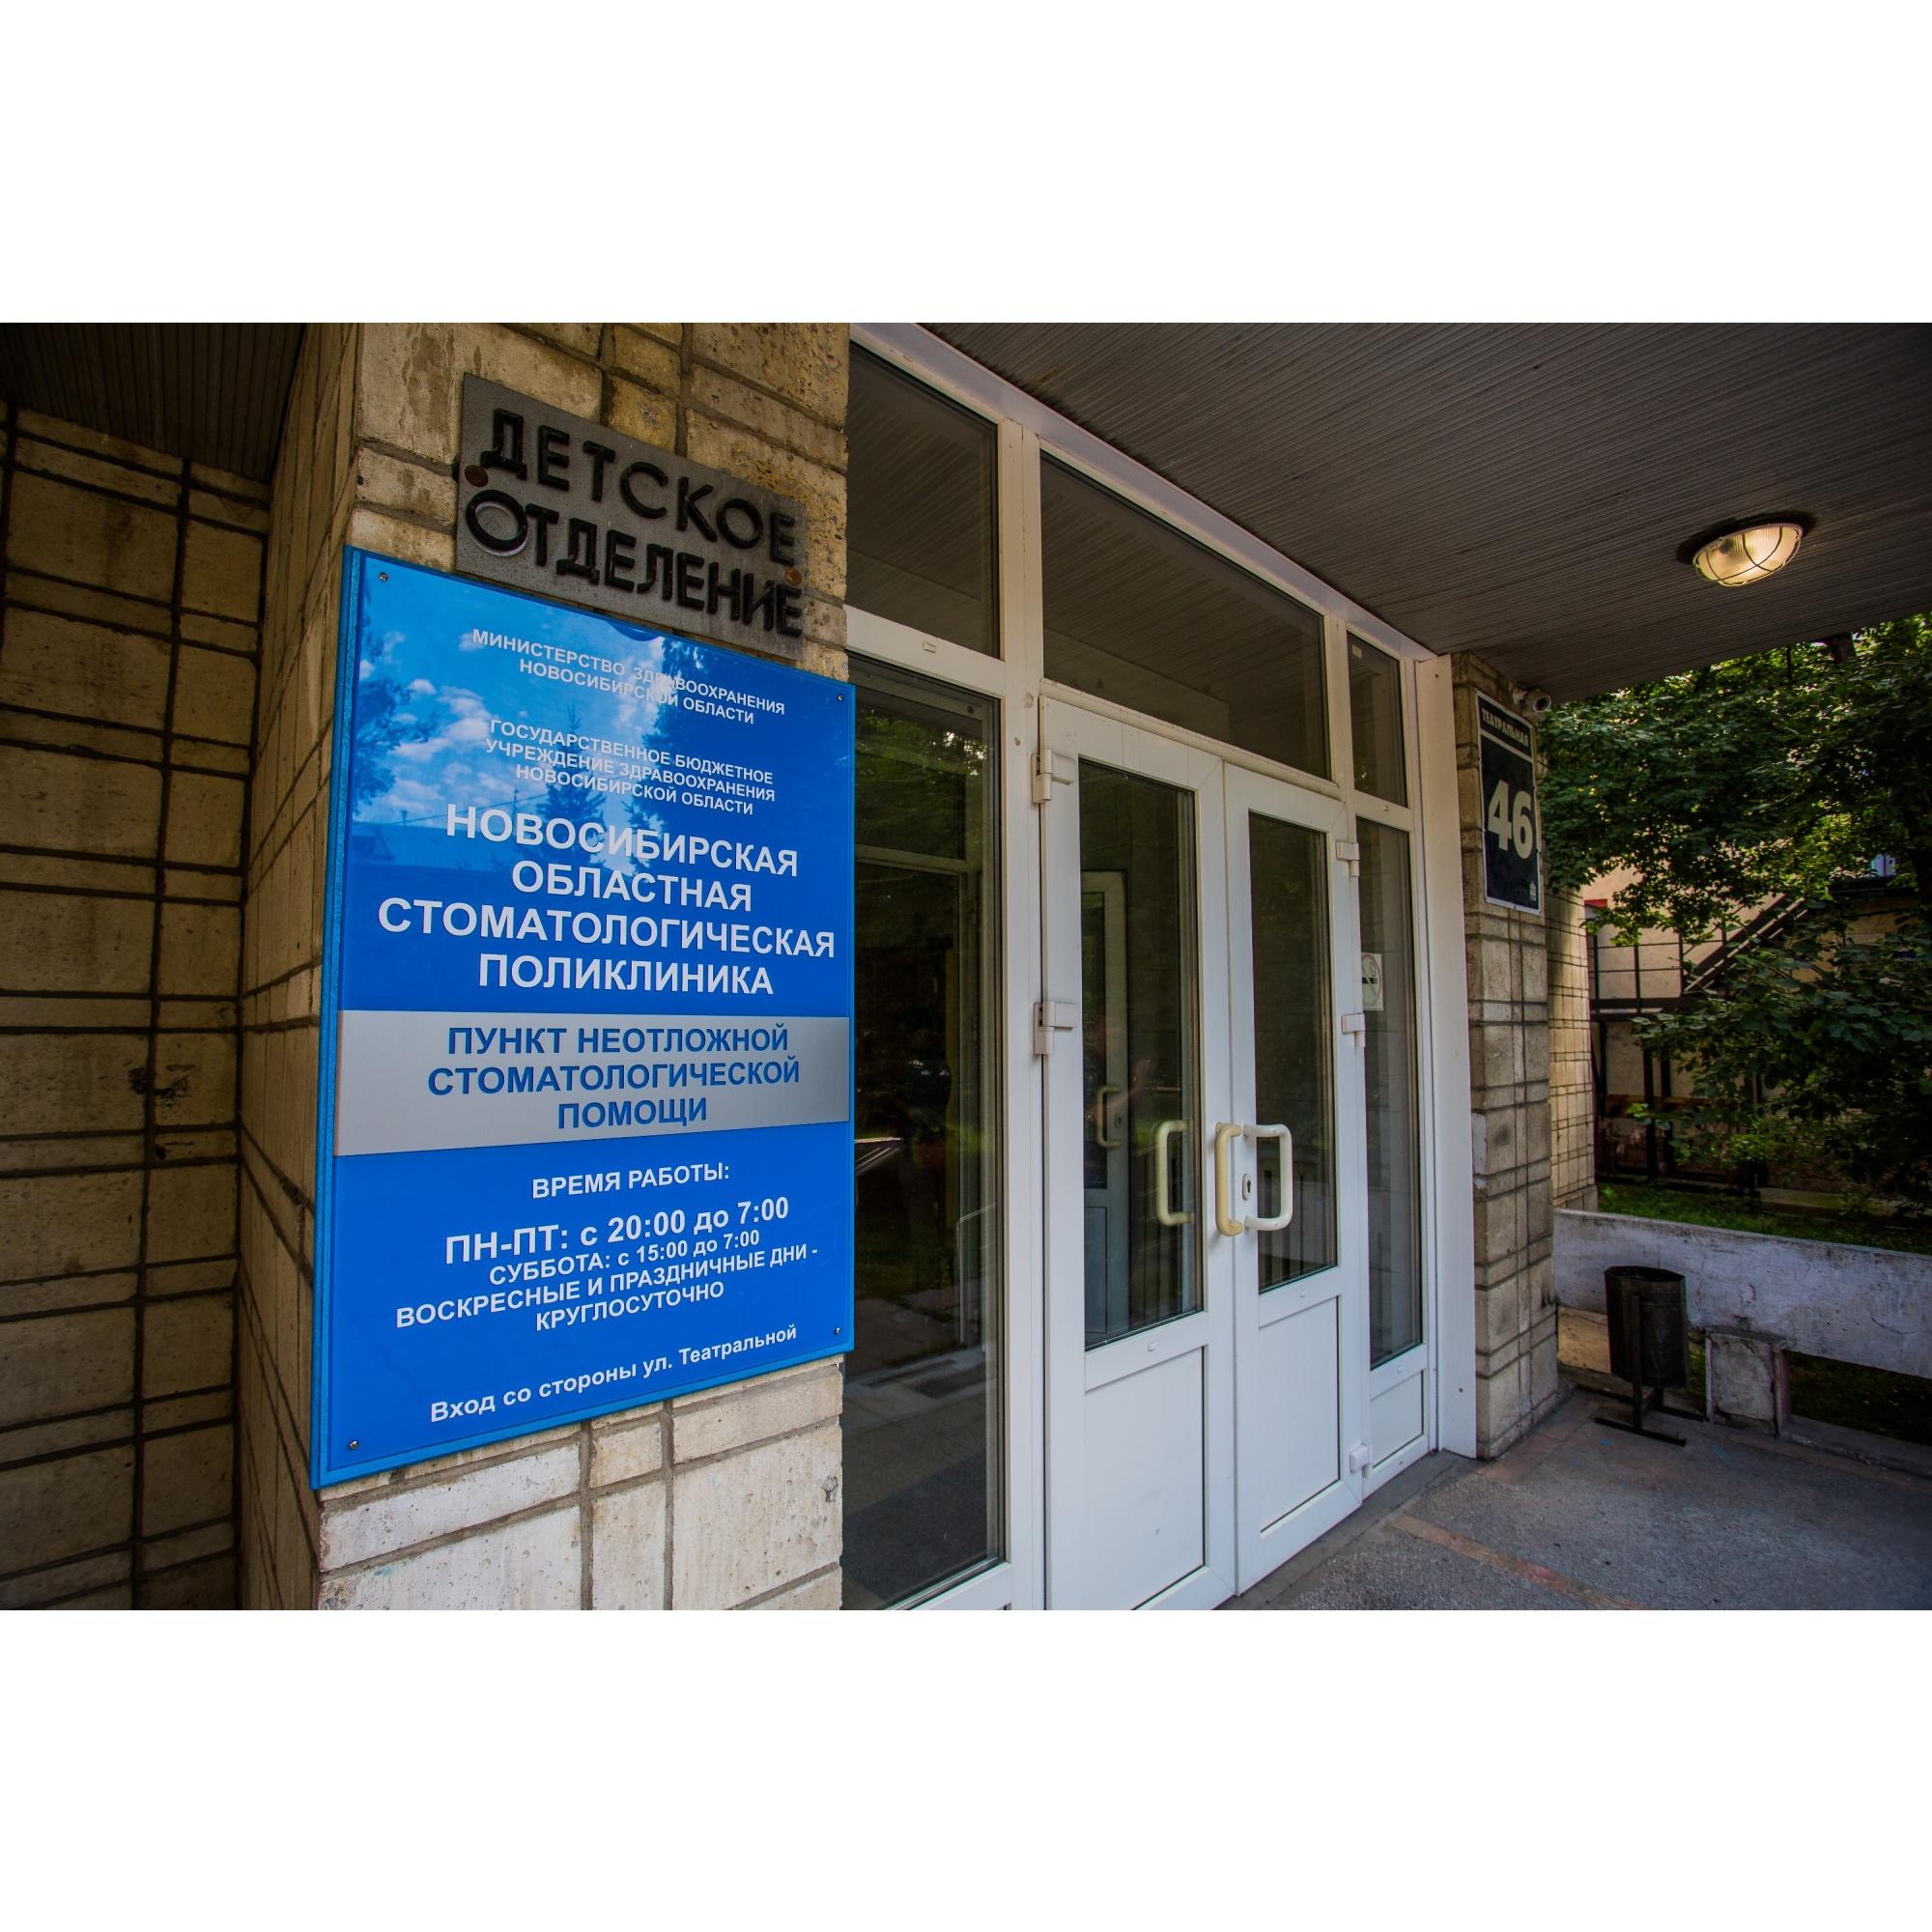 Пункт работает при областной стоматологической поликлинике на улице Театральной — он стал первой такой точкой в правобережье Новосибирска